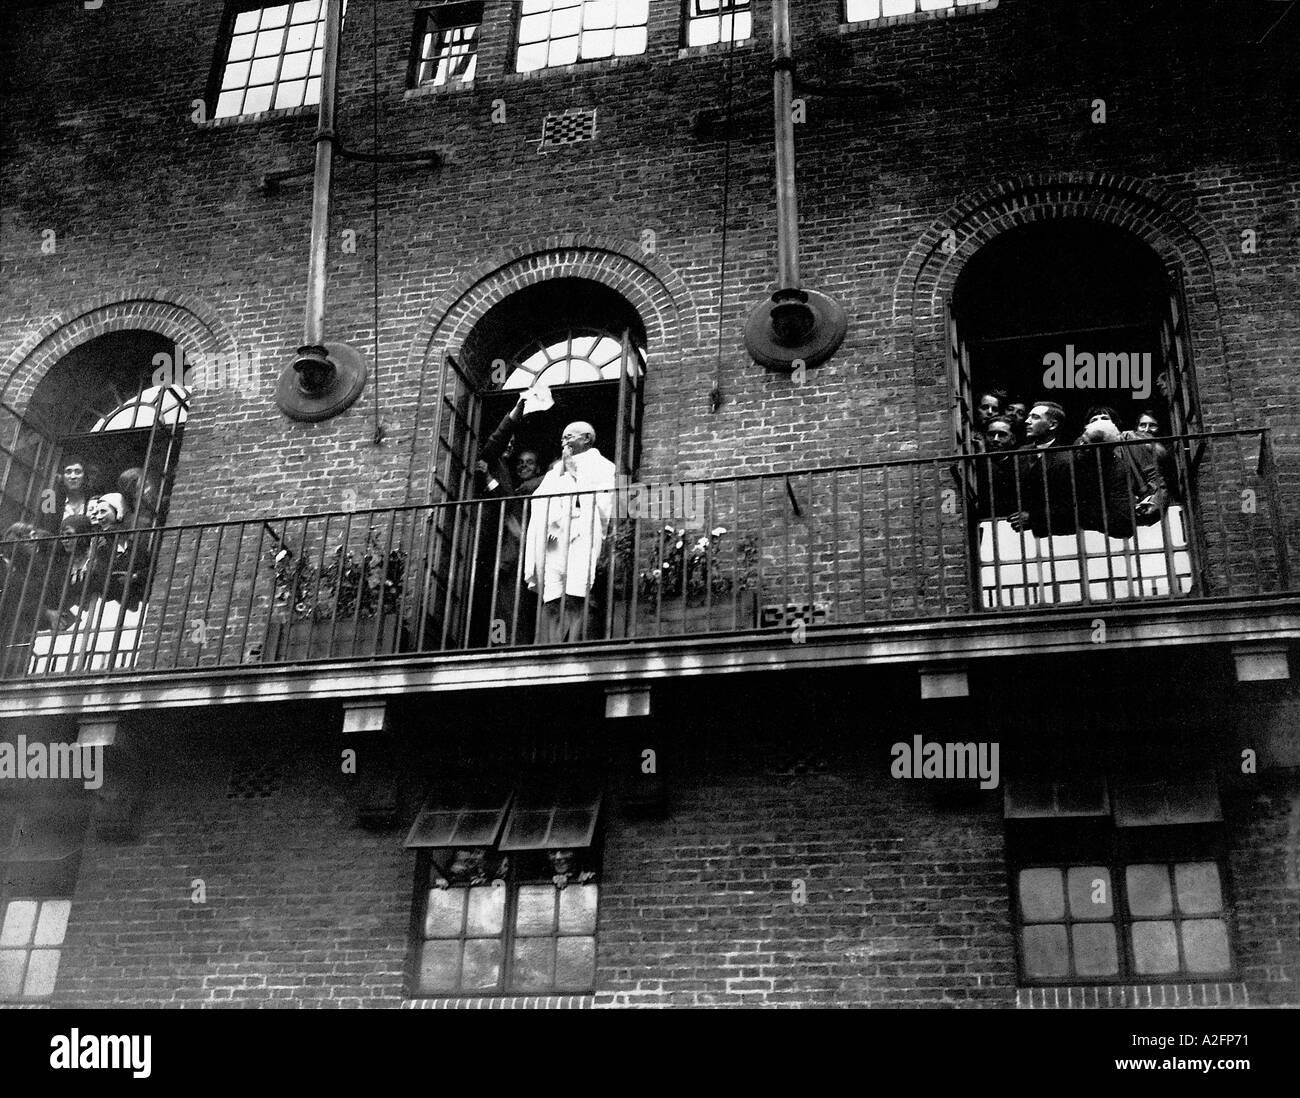 Il Mahatma Gandhi Saluto dal balcone della sua residenza a Kingsley Hall Londra Inghilterra Settembre 1931 Immagini Stock